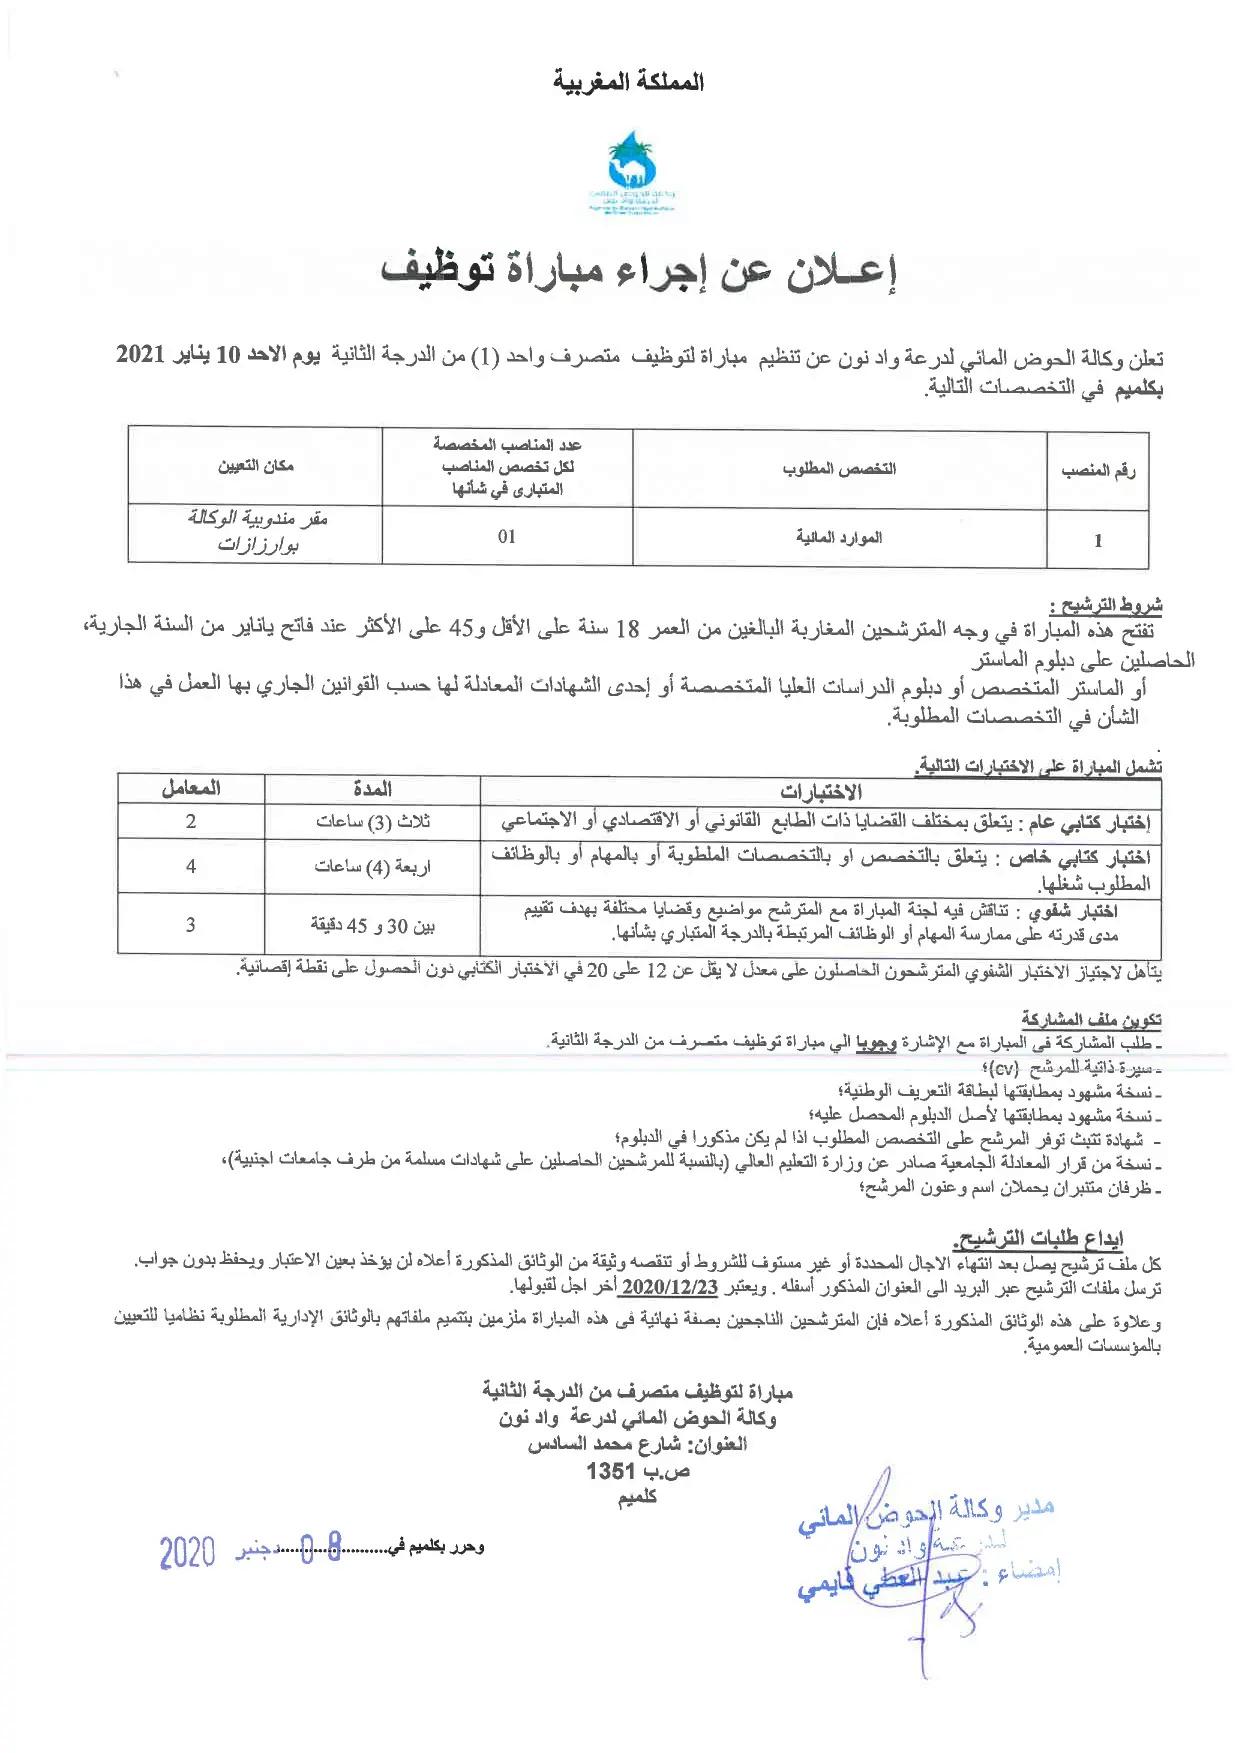 وكالة الحوض المائي لدرعة واد نون مباريات توظيف في عدة مناصب آخر أجل لإيداع الترشيحات 23 دجنبر 2020 Aa_aao15